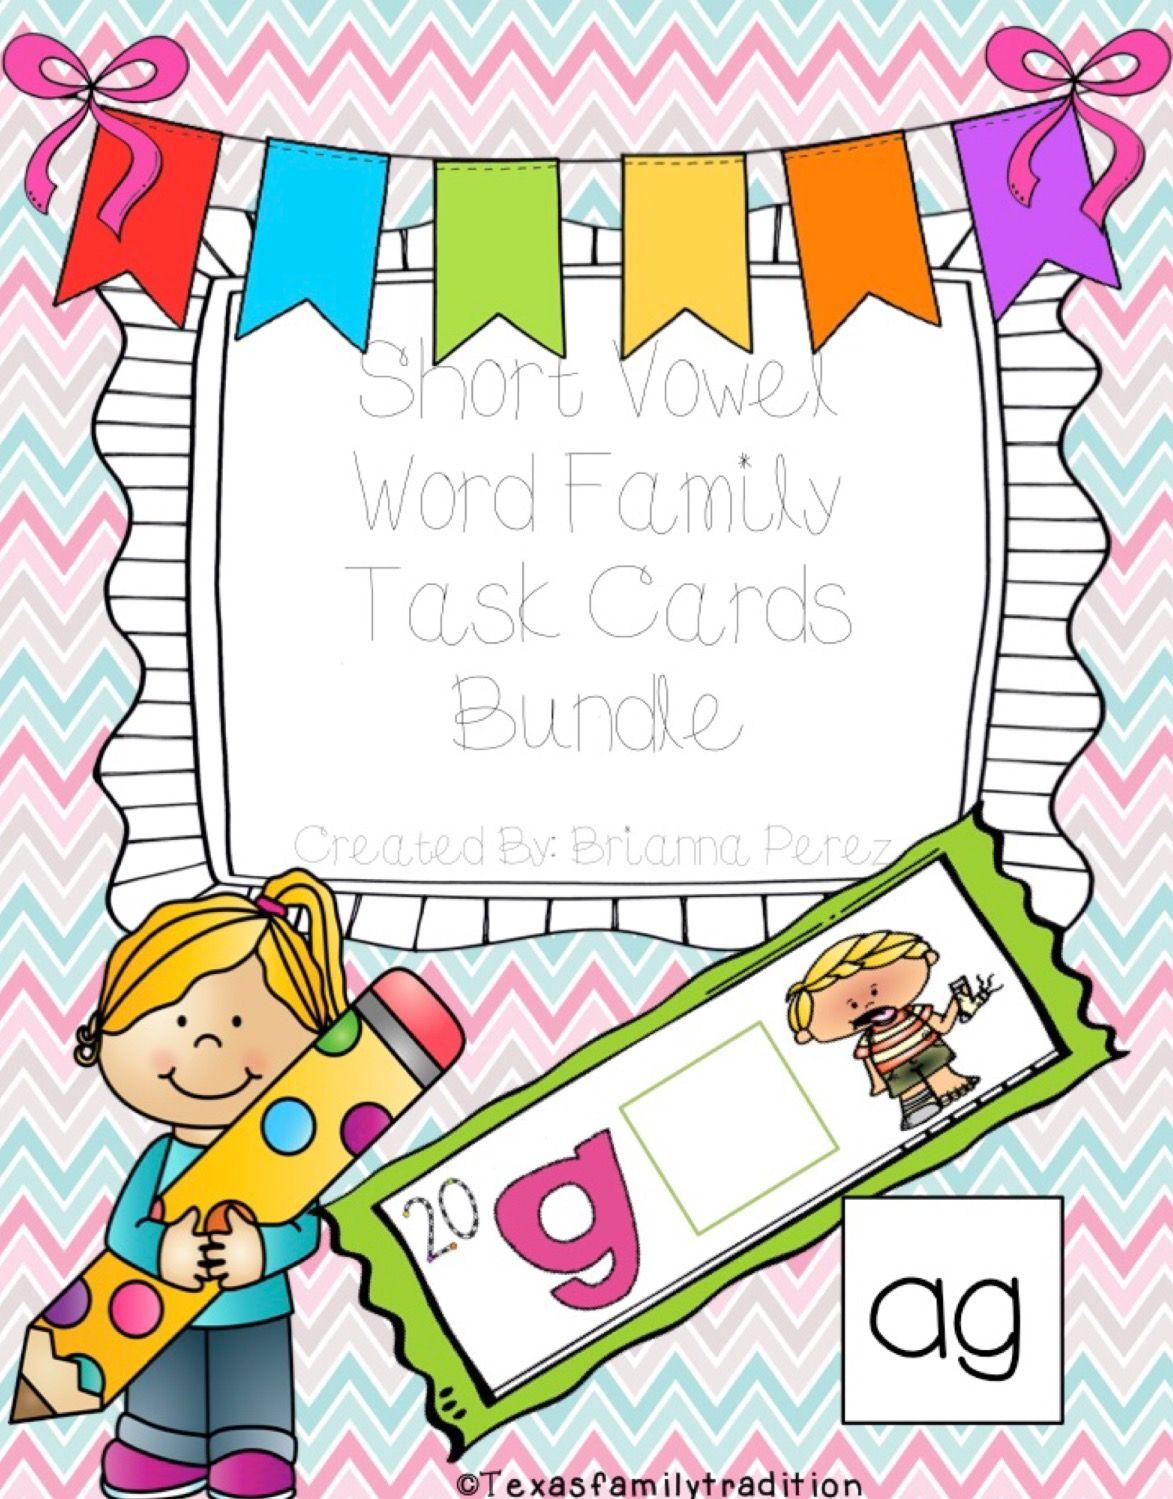 Short Vowel Word Family Task Cards Bundle